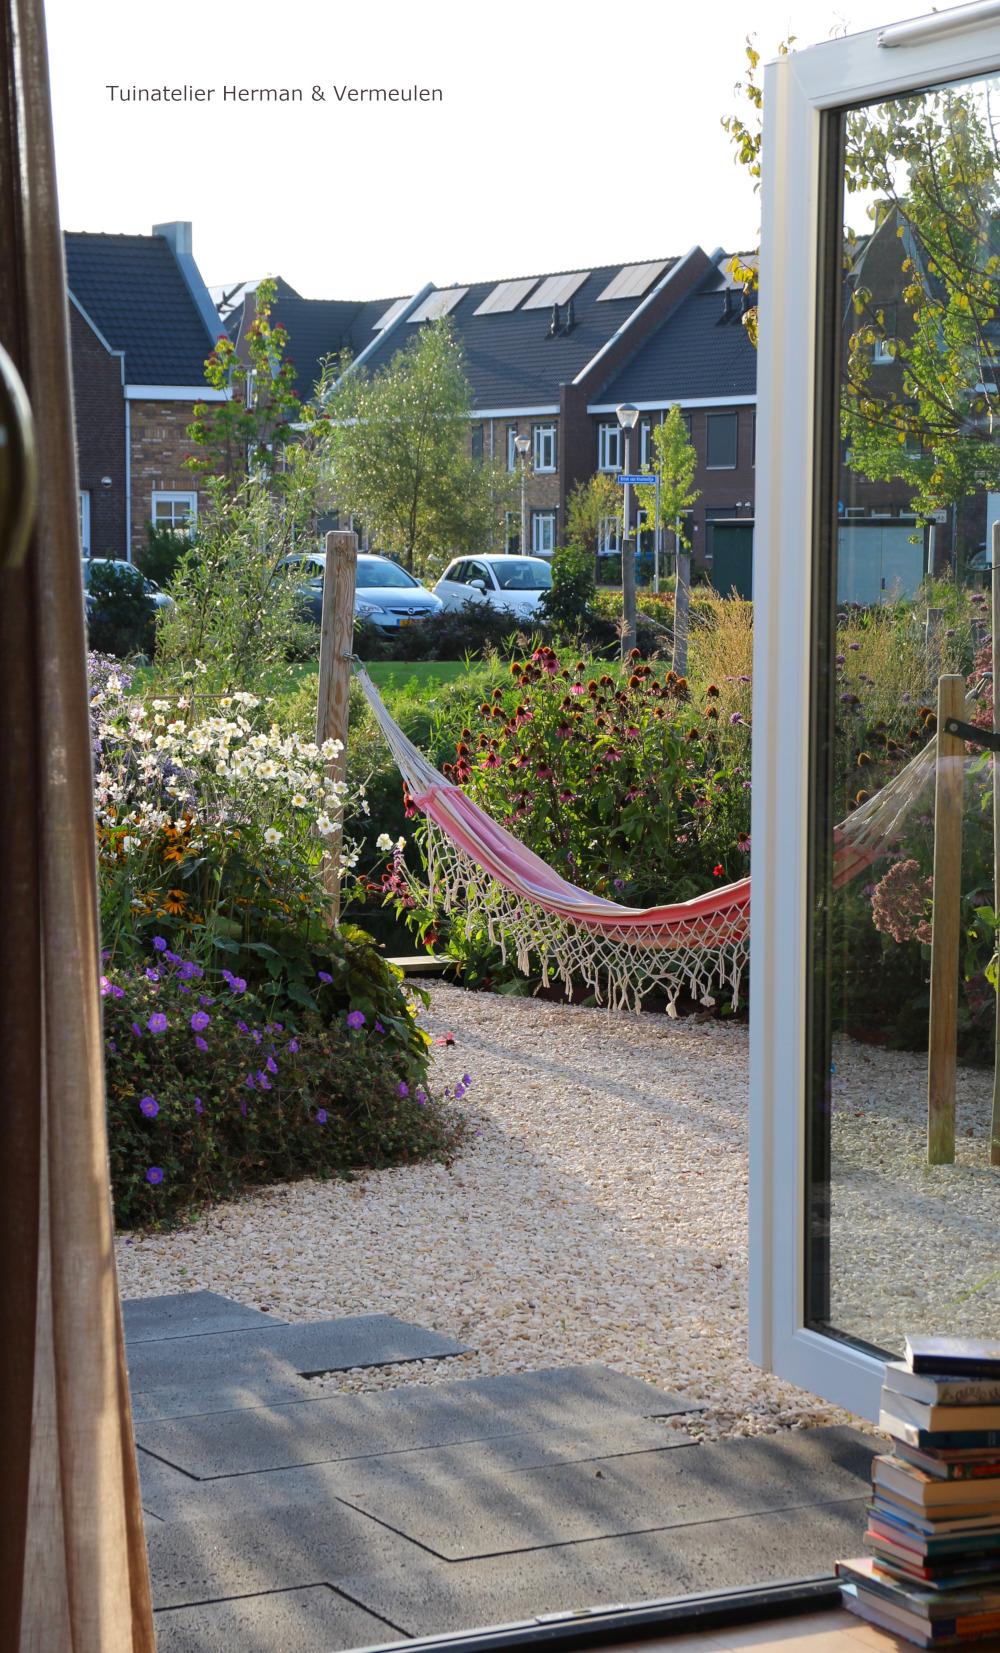 kindvriendelijke tuin met hangmat